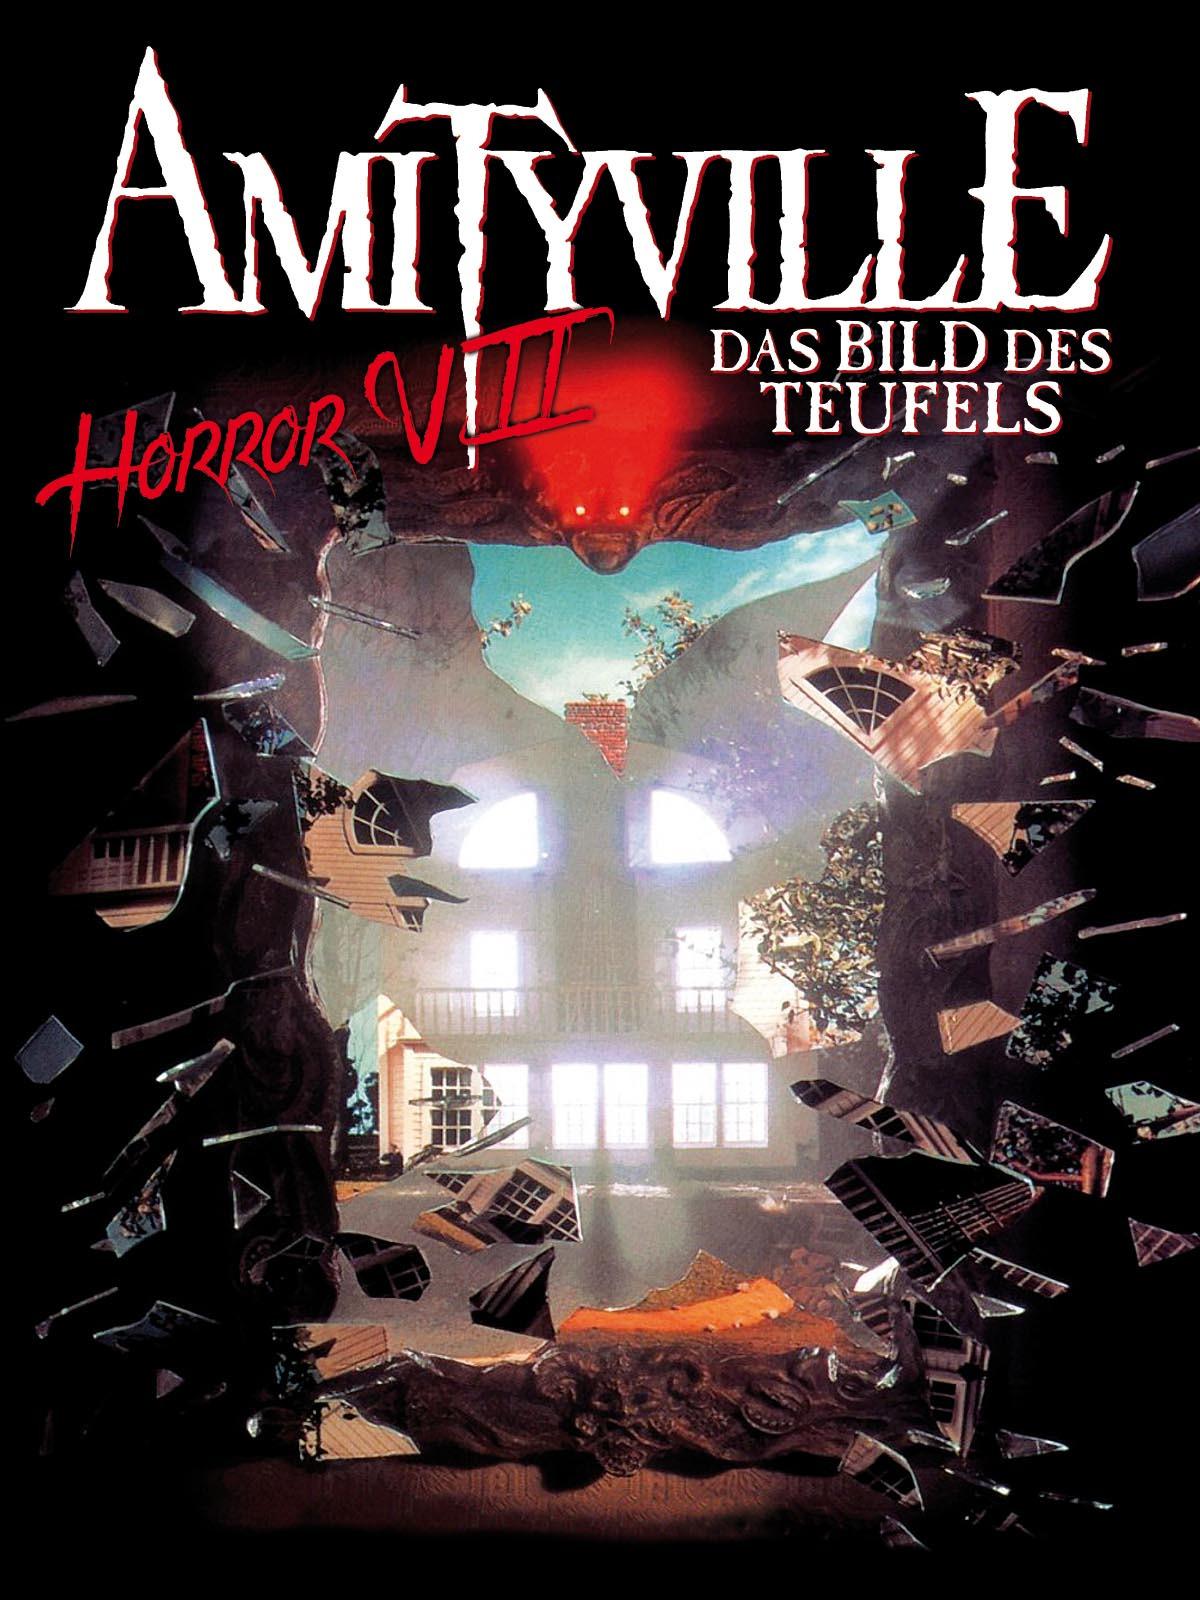 Amityville Horror VII: Das Bild des Teufels